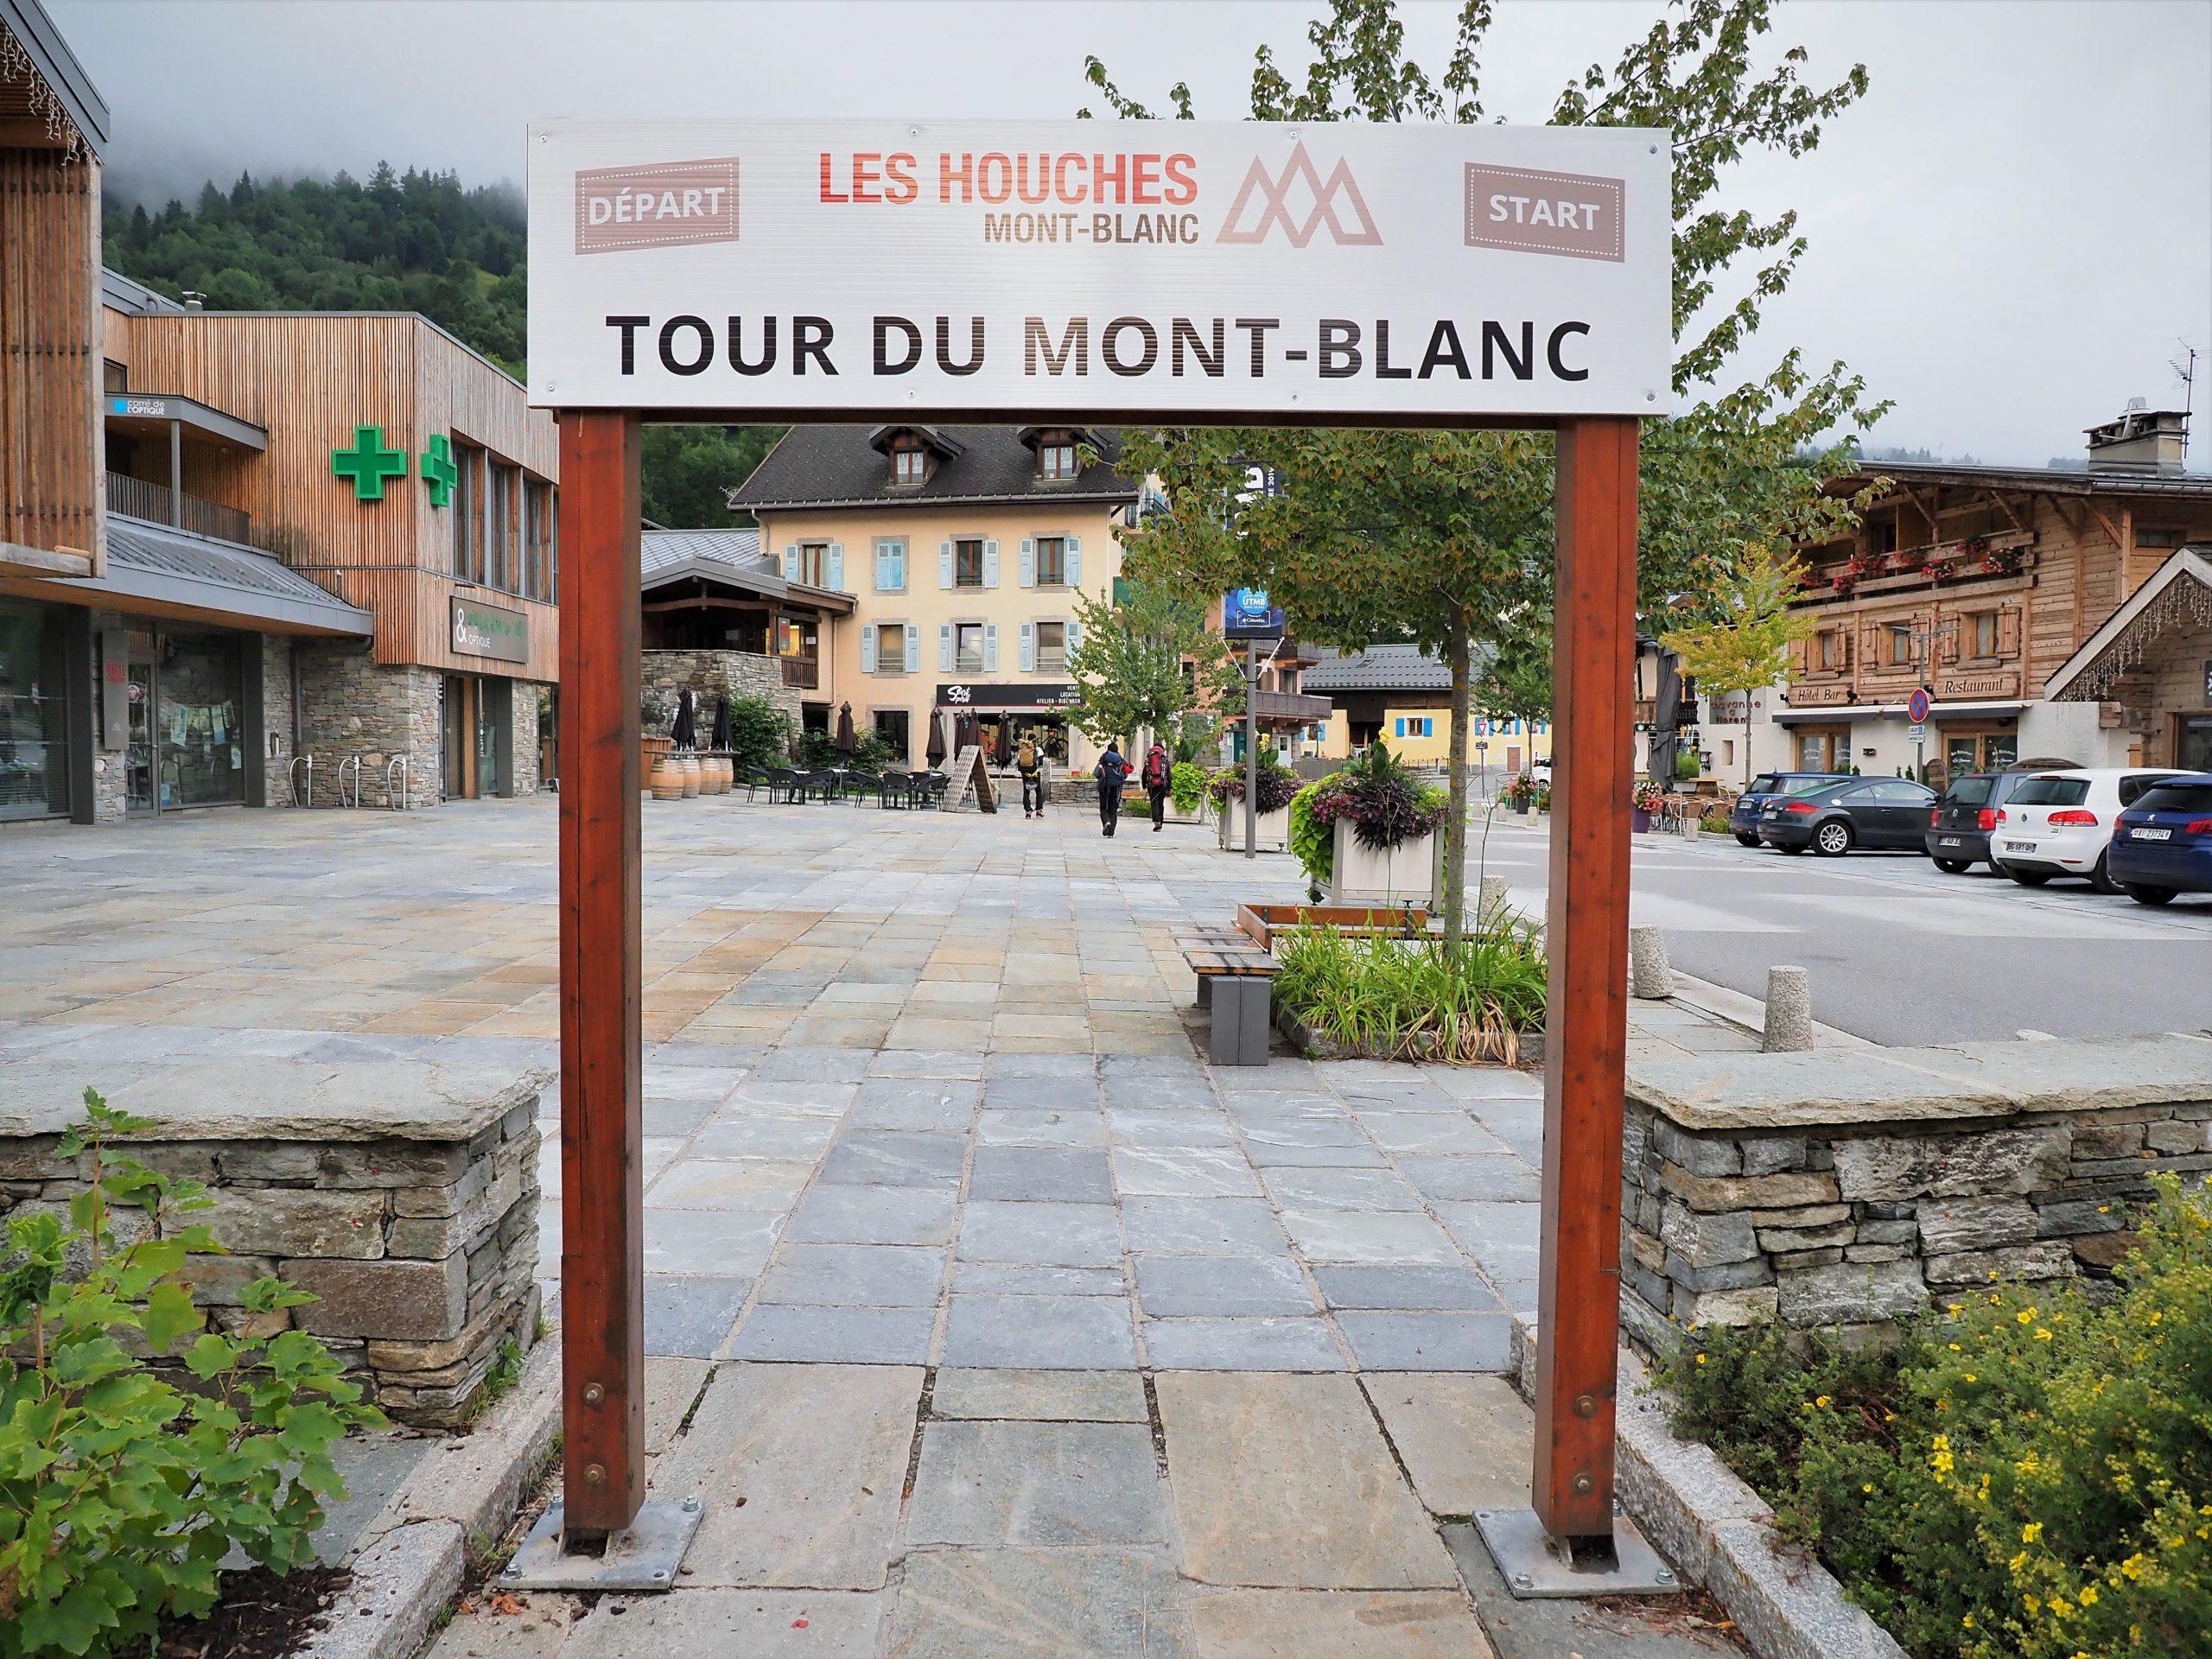 フランス モンブラン Les Houches